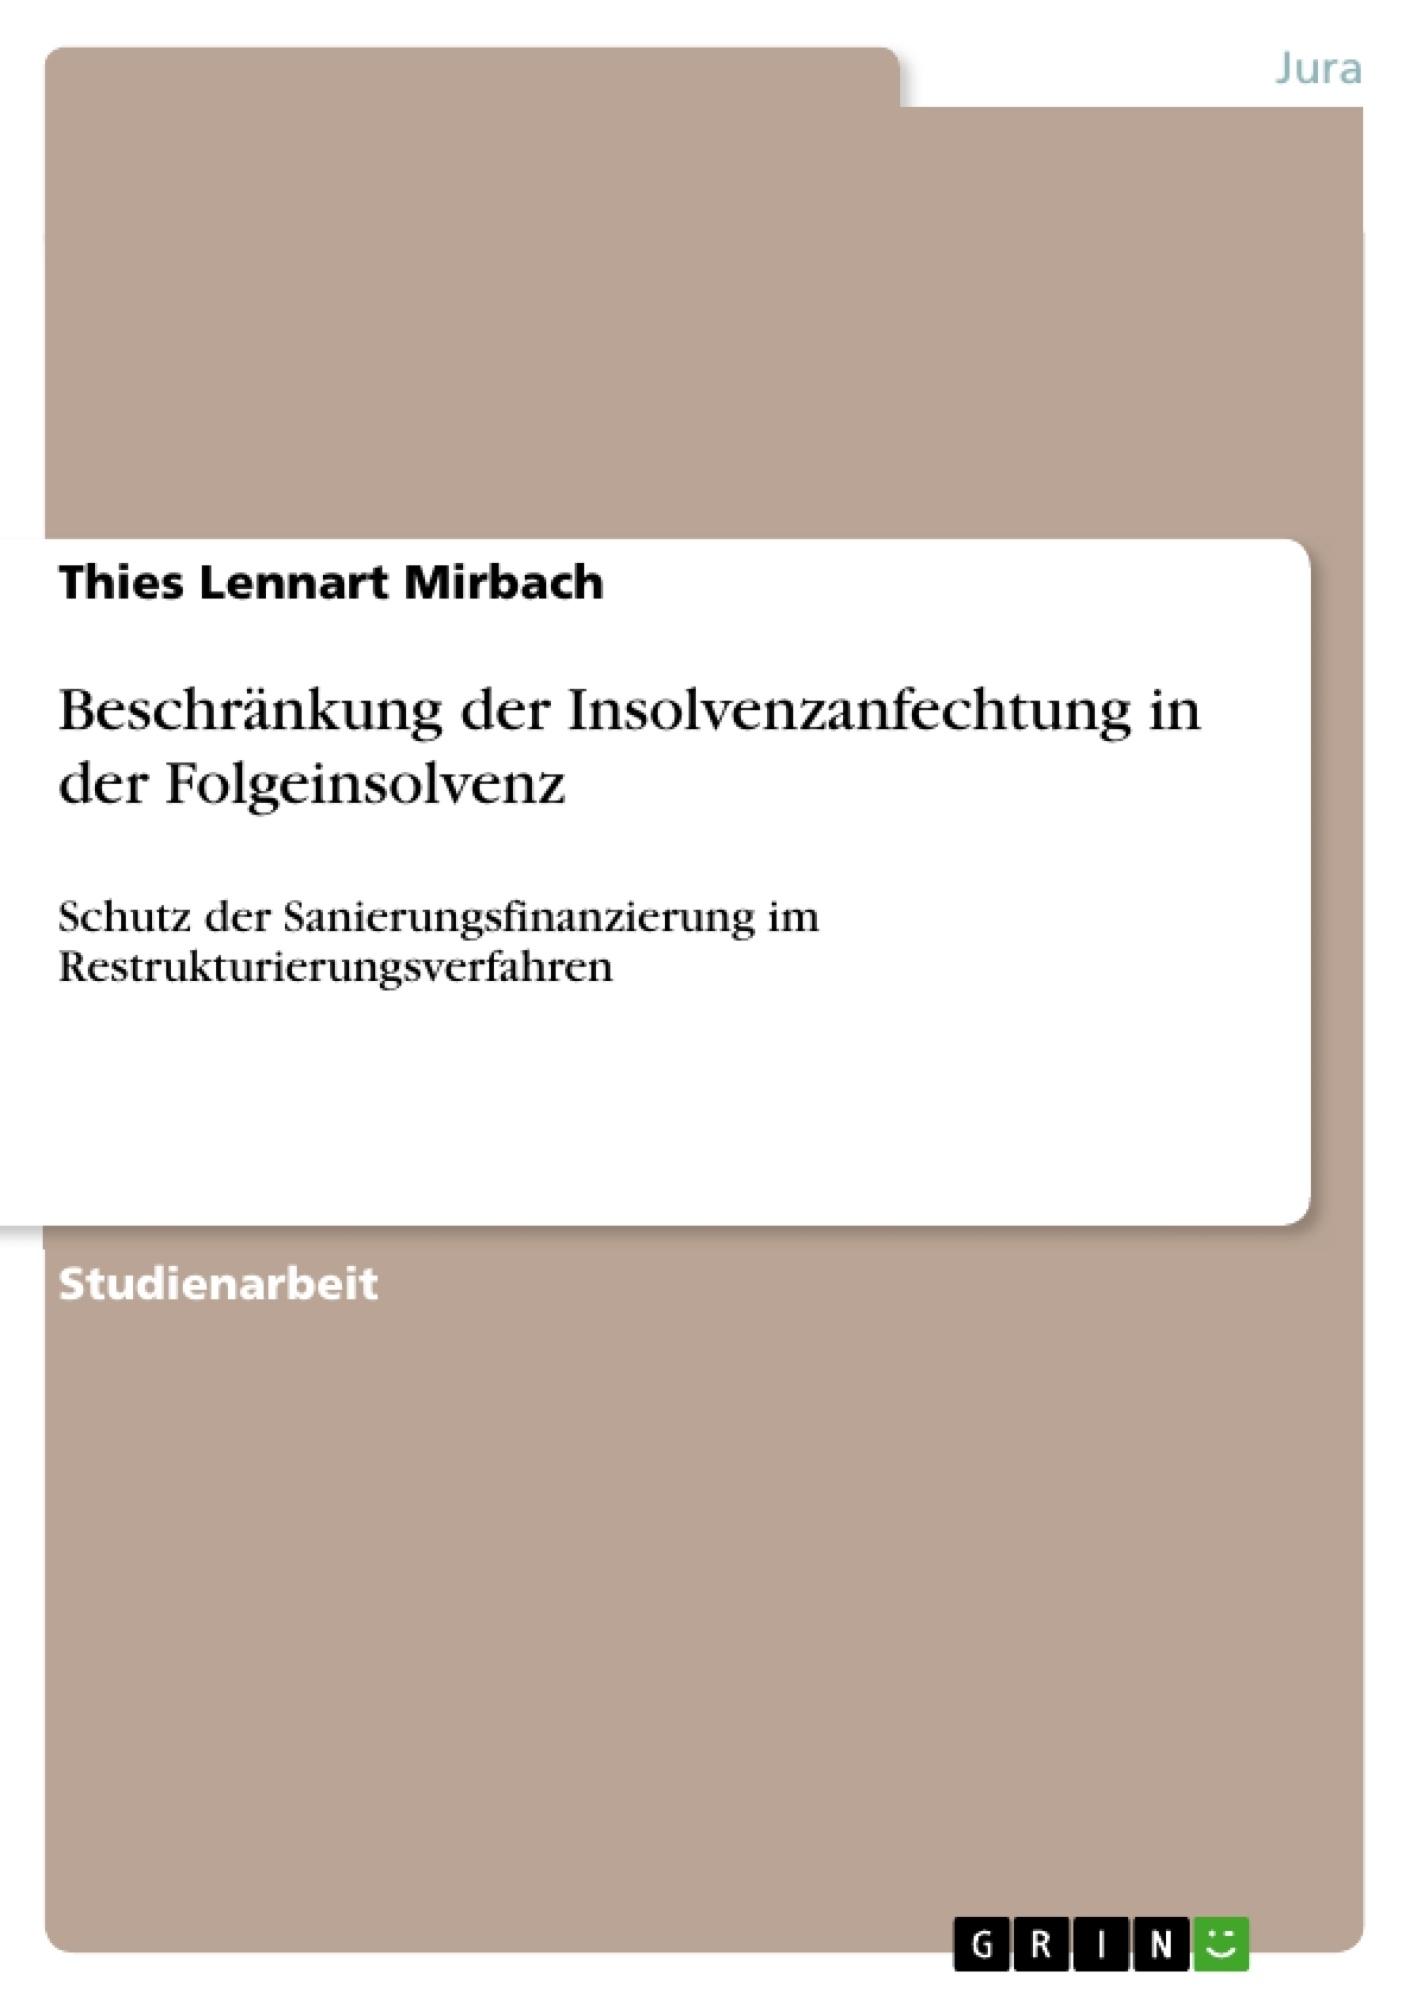 Titel: Beschränkung der Insolvenzanfechtung in der Folgeinsolvenz